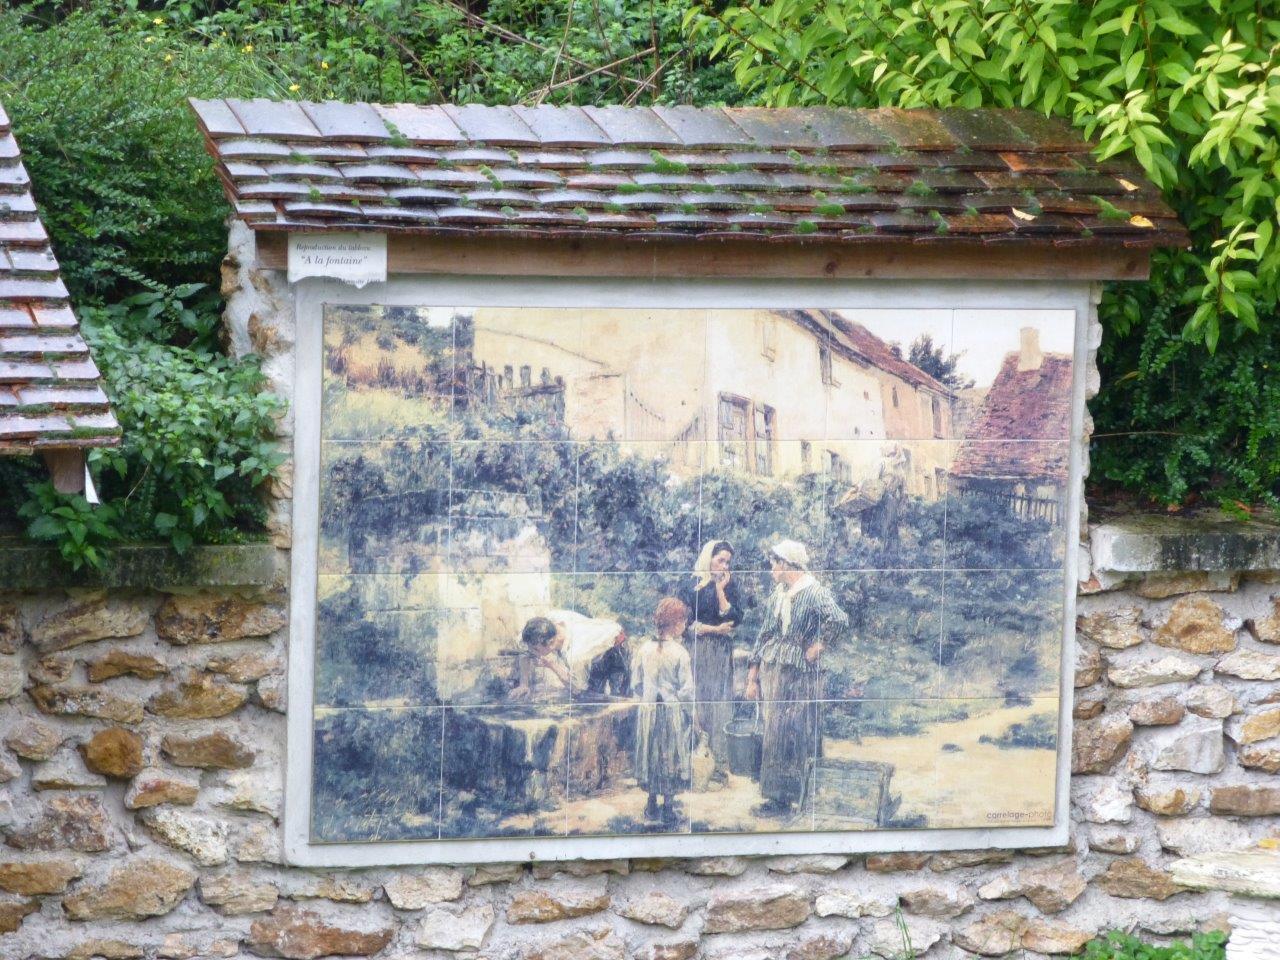 """À Mont-Saint-Père, une fresque céramique reproduisant le tableau """"À la fontaine"""" peint, ici, par Léon Lhermitte en 1895, embellit la restauration du lavoir."""